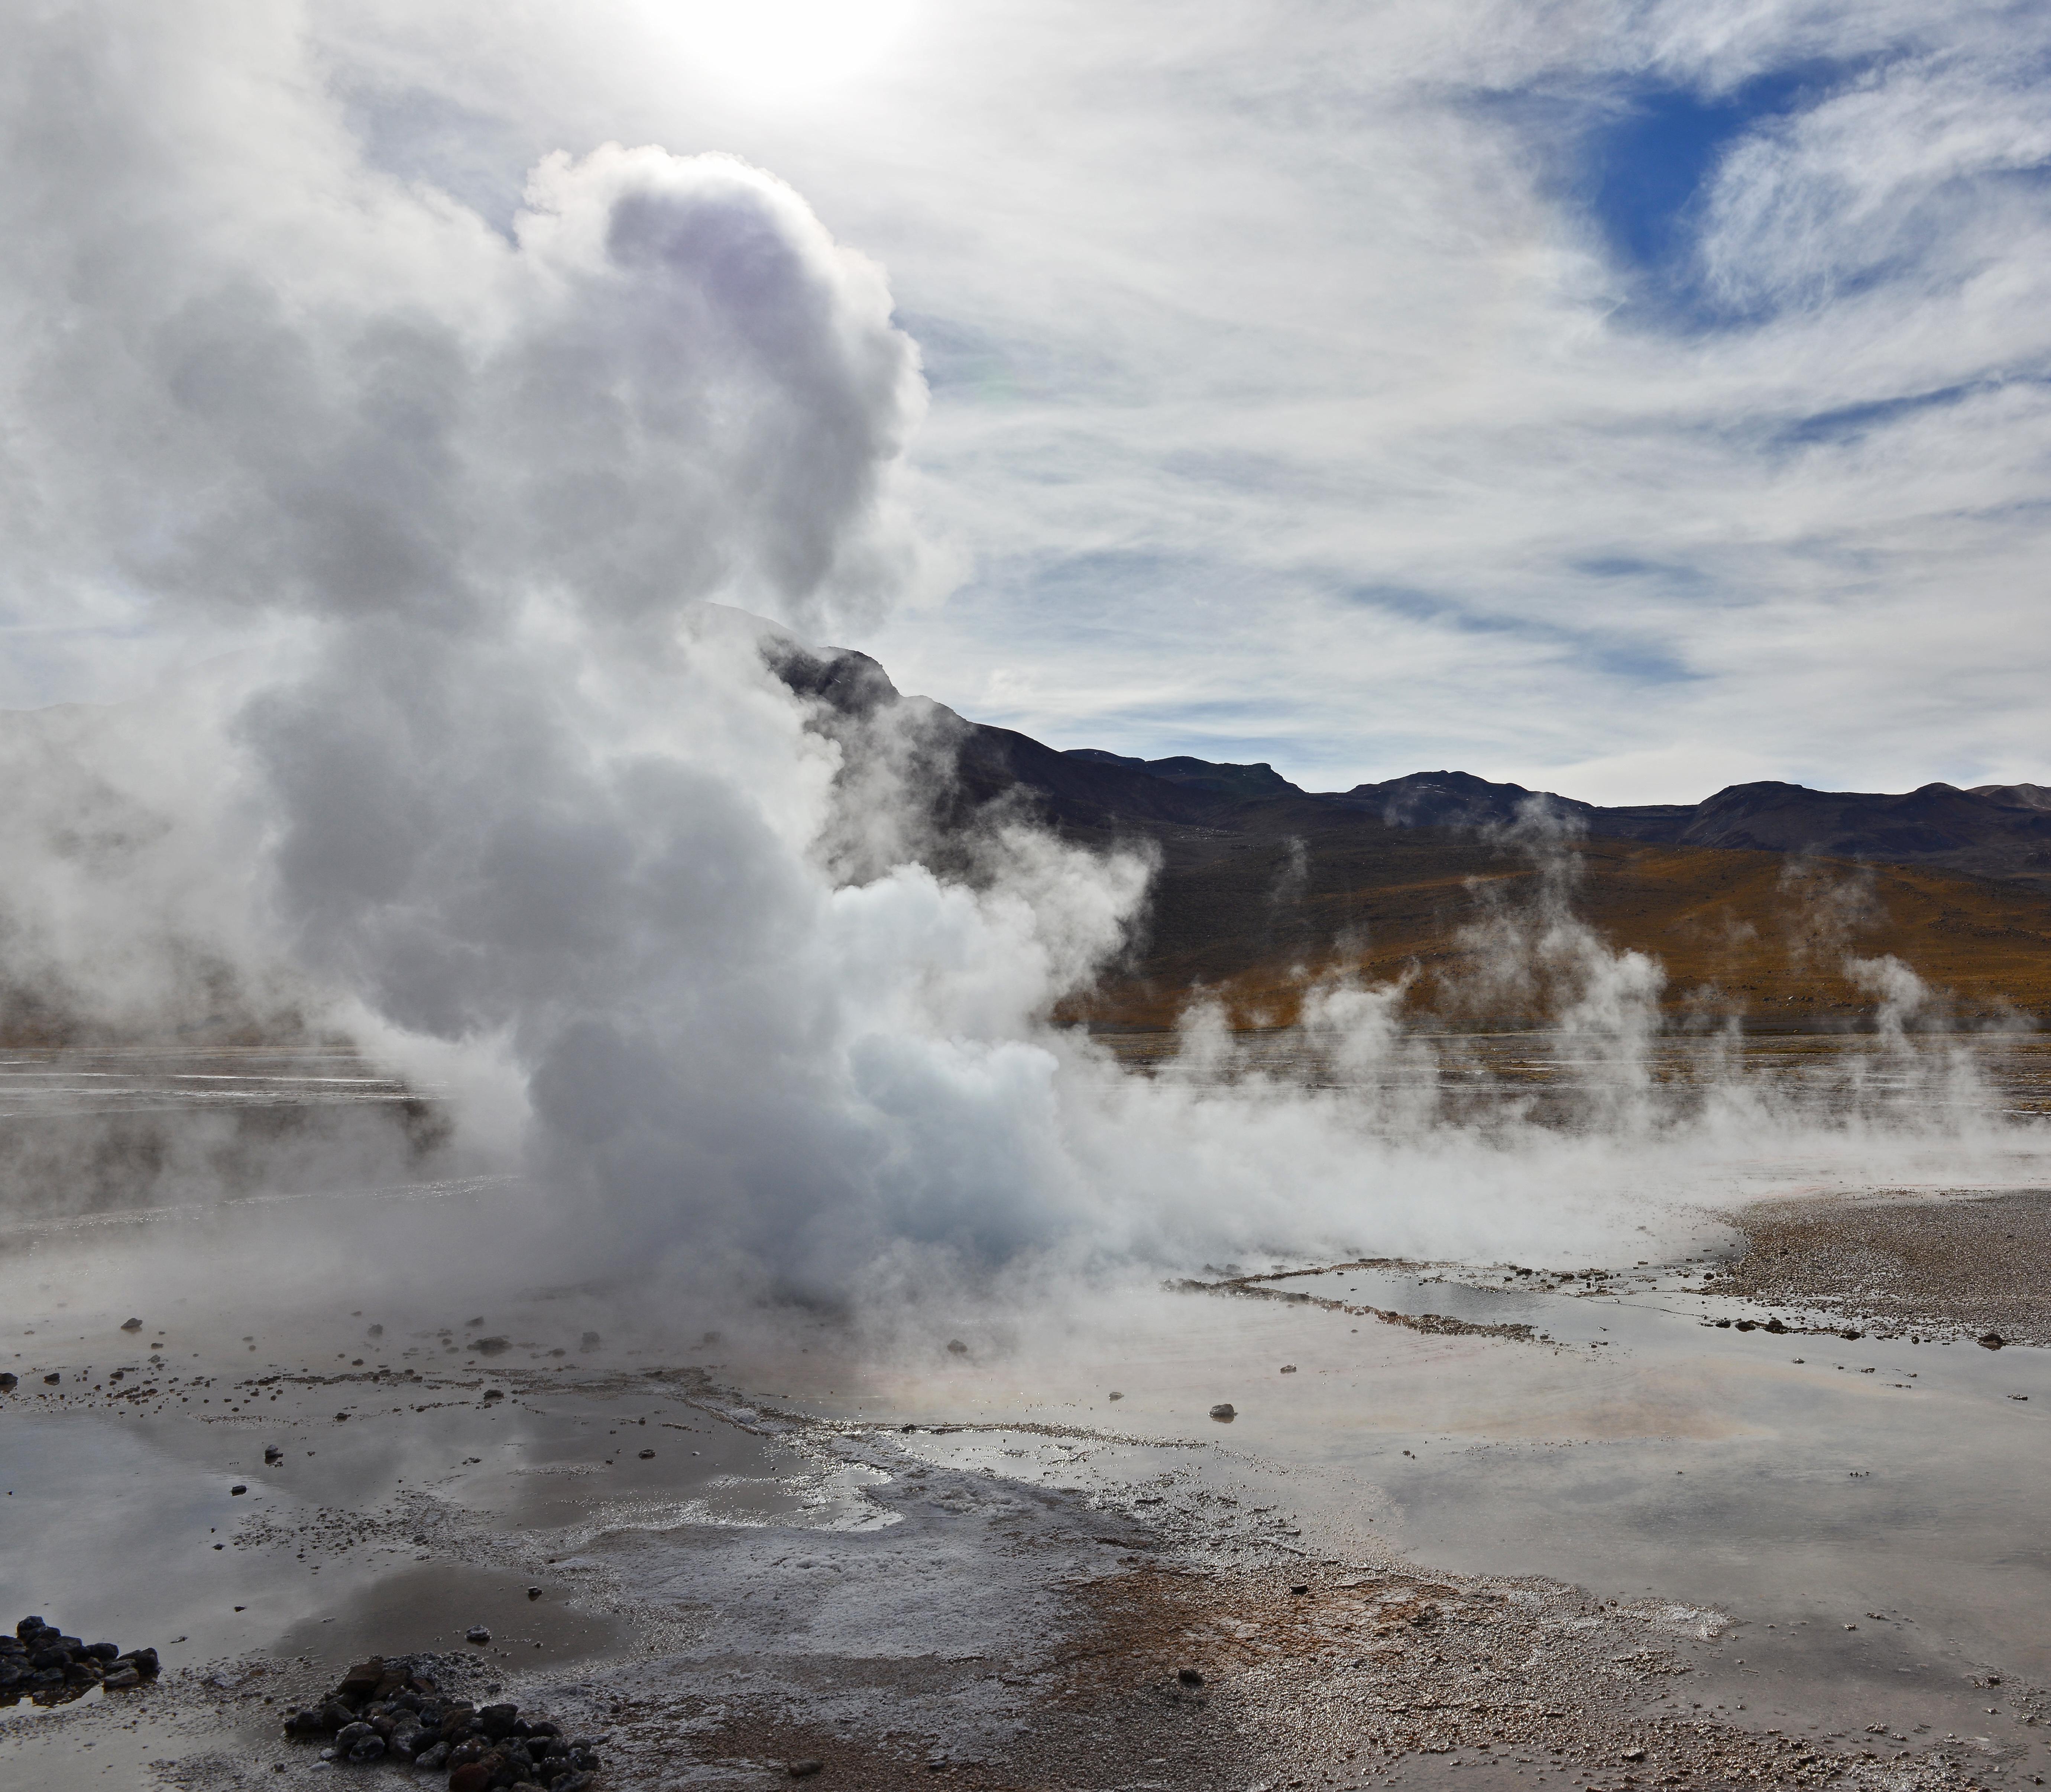 Demeyer Helen Atacamawoestijn Chili Reizen5